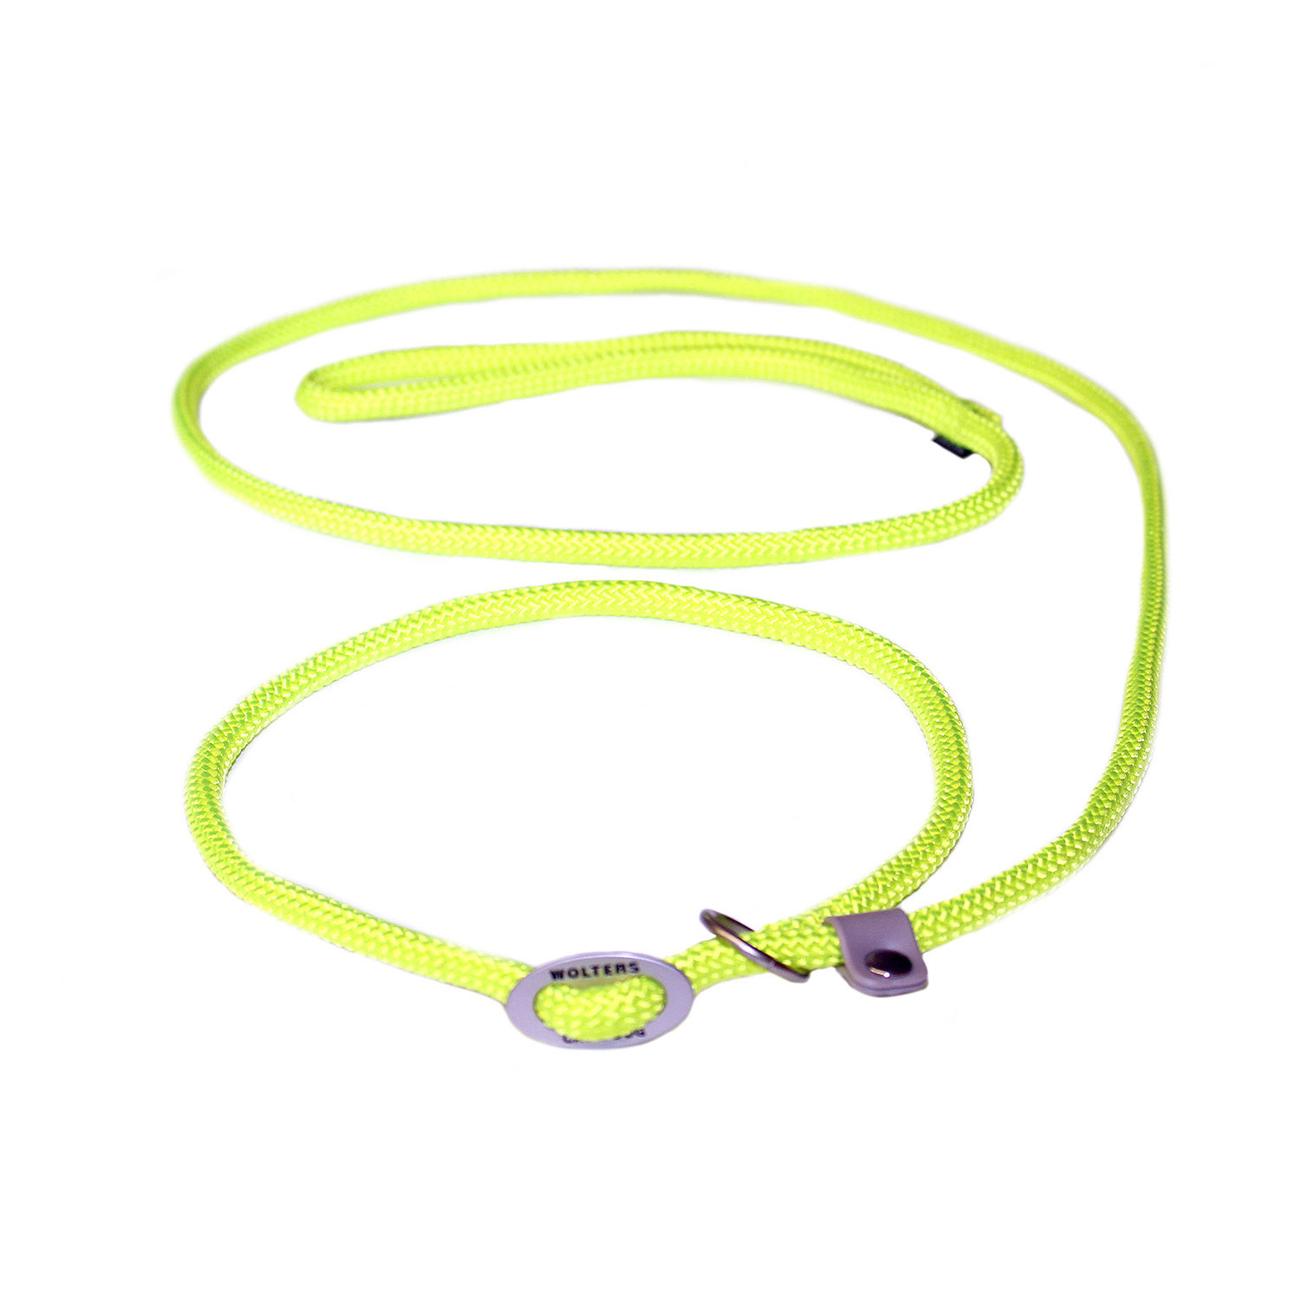 Wolters Moxonleine K2 Neon